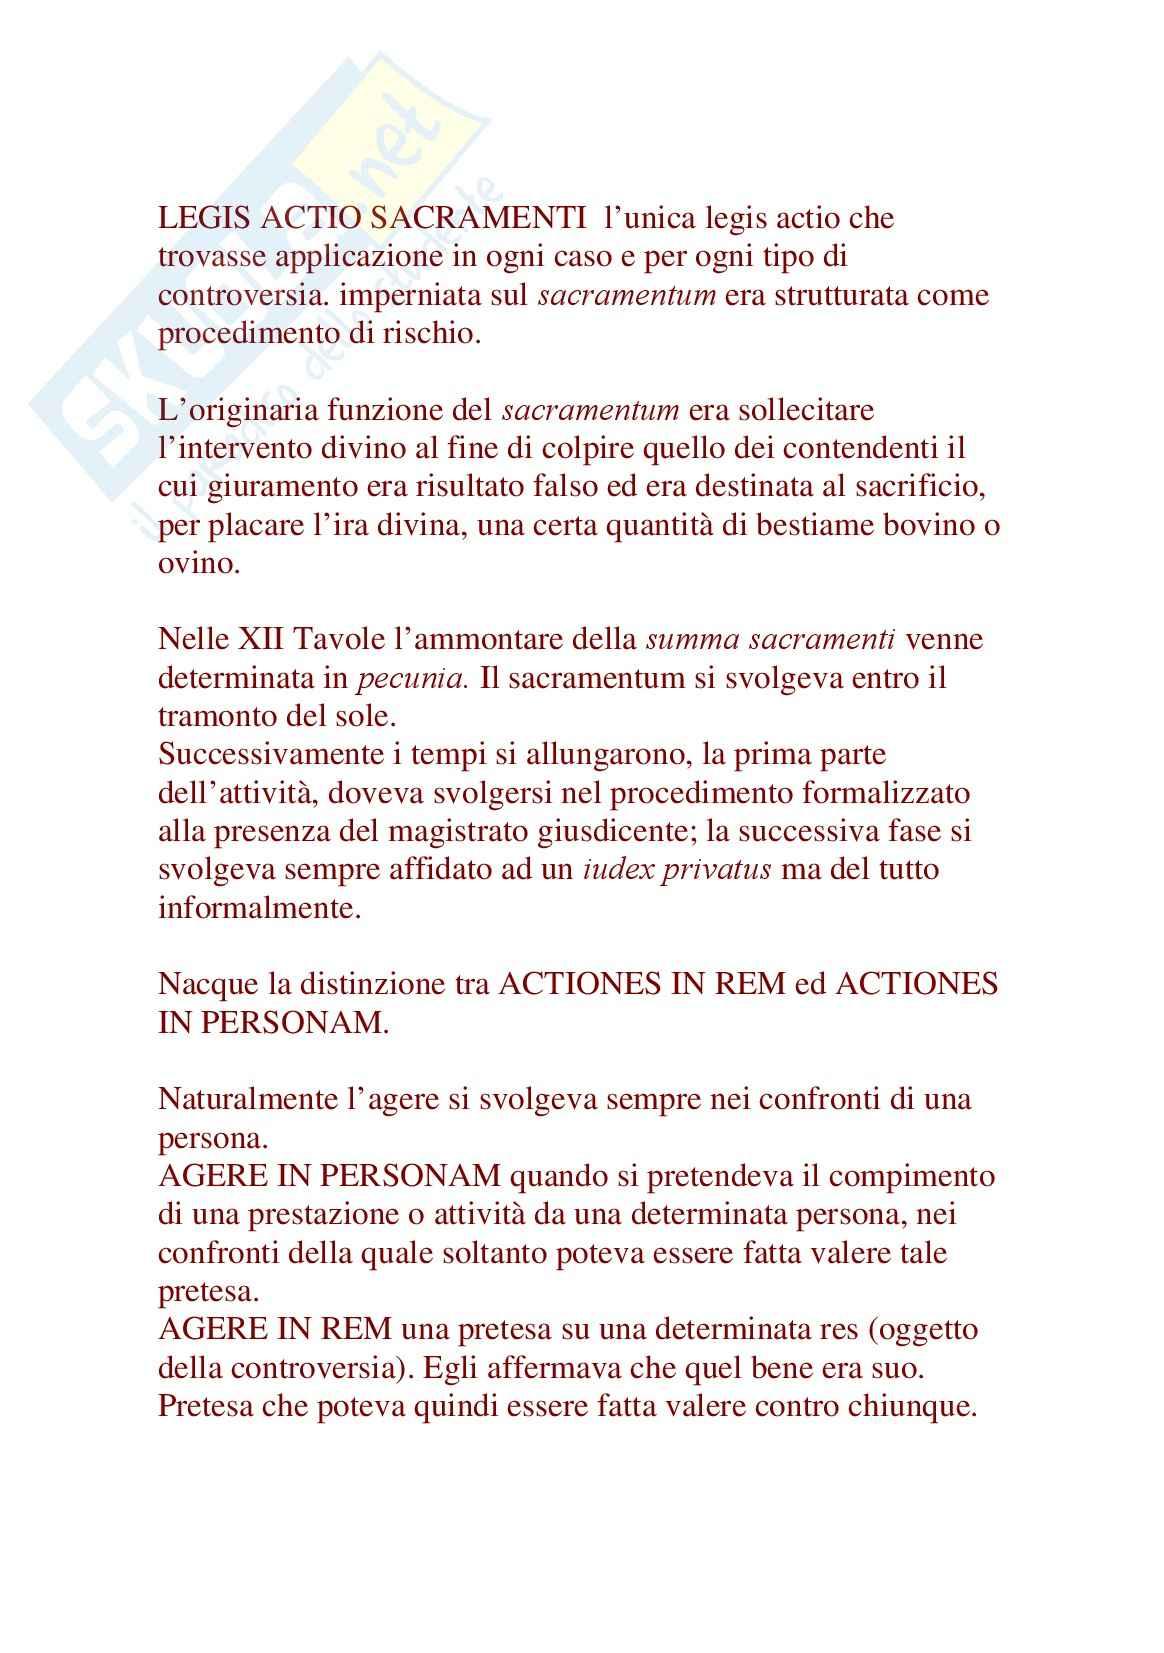 Nuovi profili istituzionali essenziali di diritto romano, Nicosia - Appunti